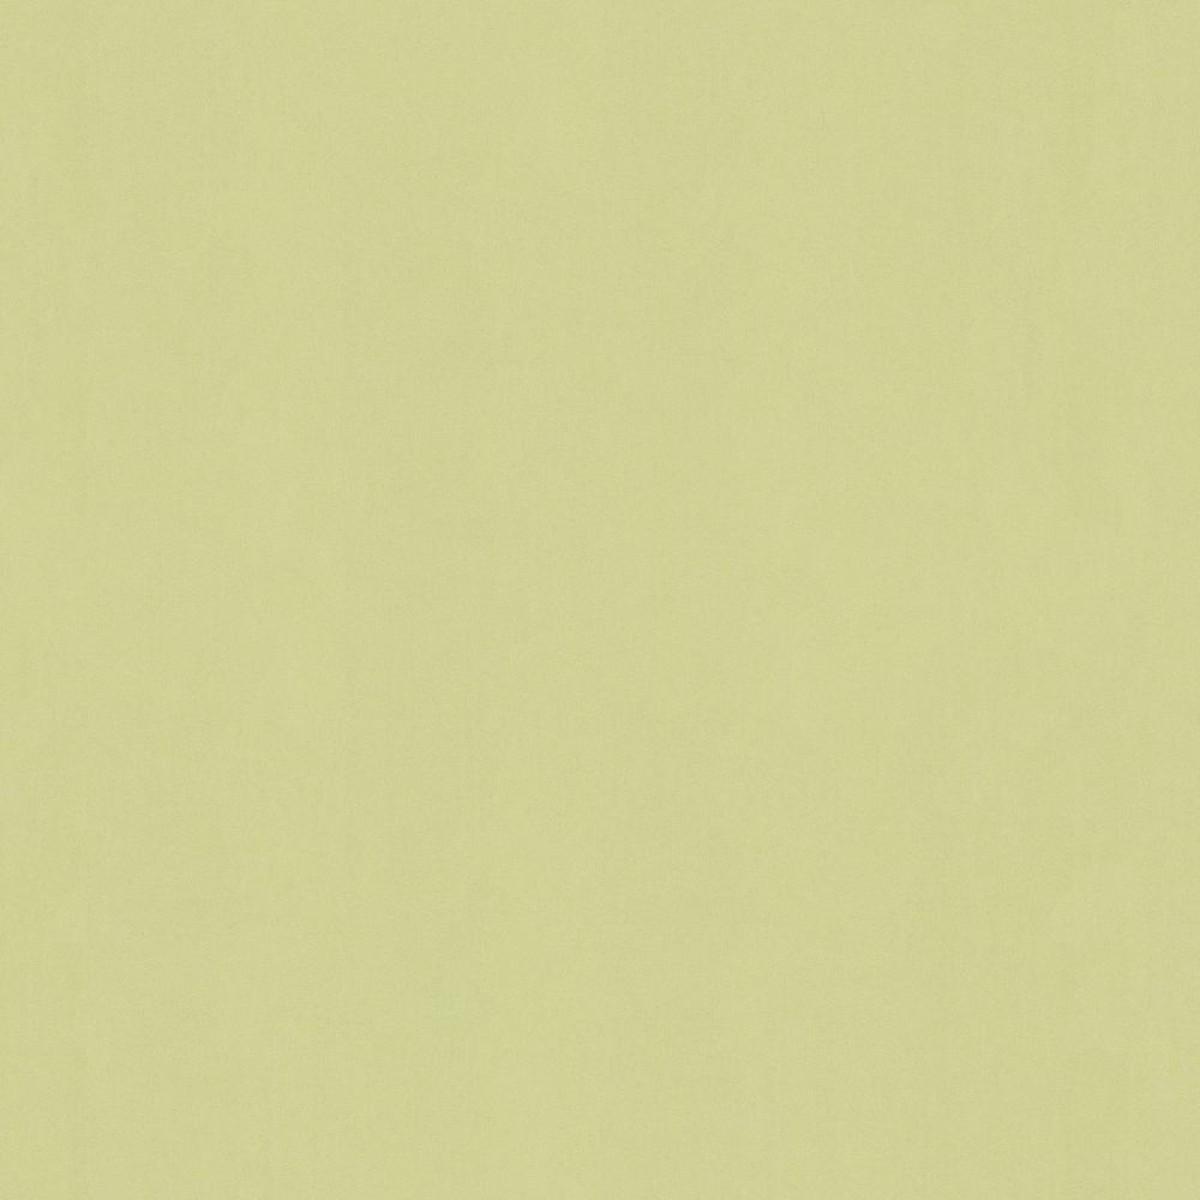 Обои флизелиновые Home Color Epsilon зеленые HC71335-17 1.06 м